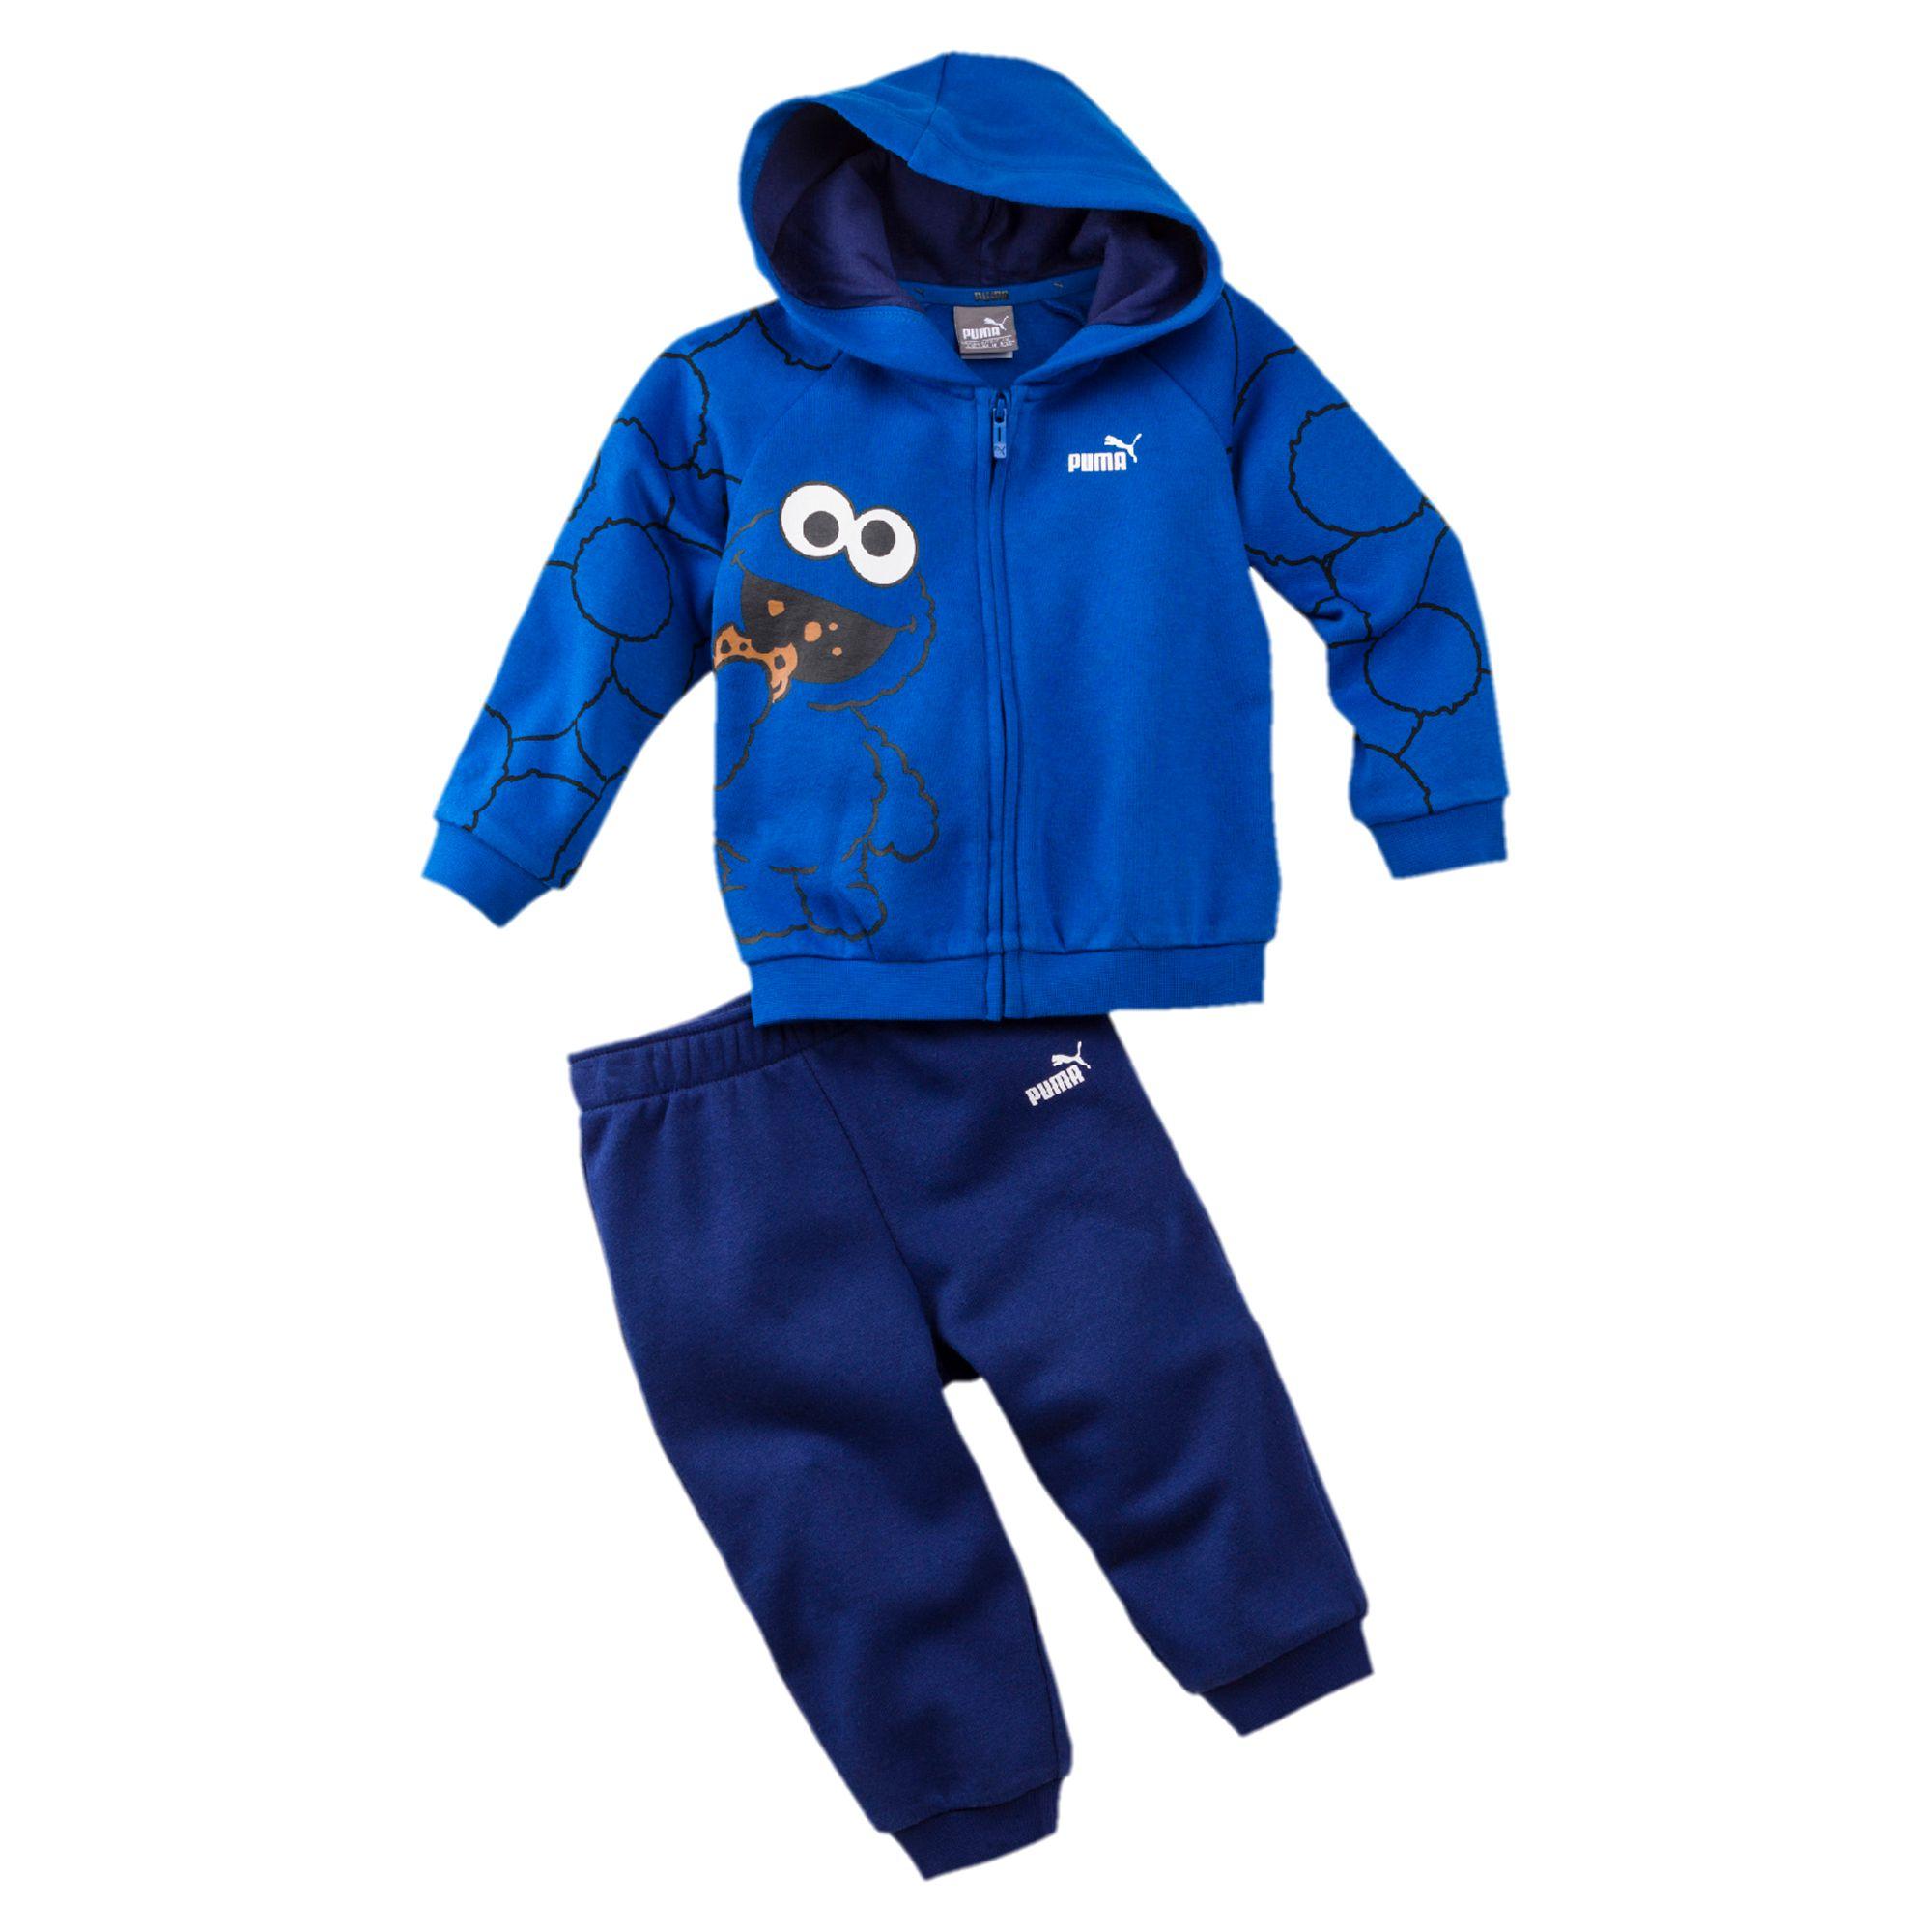 Sesame Street® Baby спортивный костюм комплект с капюшоном